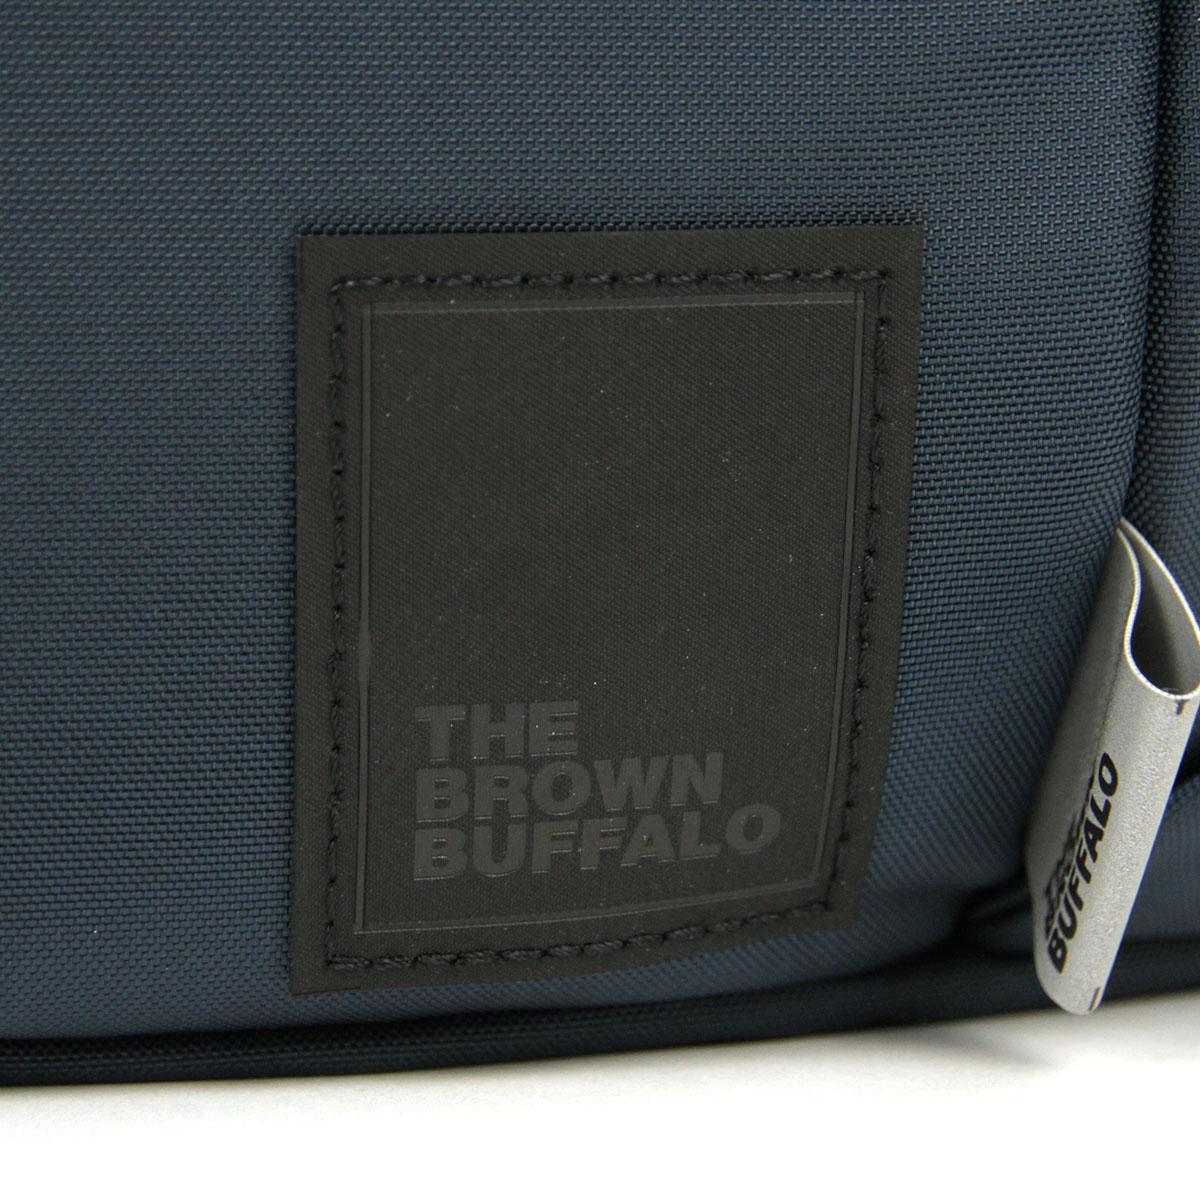 ザ ブラウン バッファロー バッグ メンズ レディース 正規販売店 THE BROWN BUFFALO ショルダーバッグ HELMET BACKPACK NAVY S19HELM420NAVY AA7B B3C C8D D4E E06F